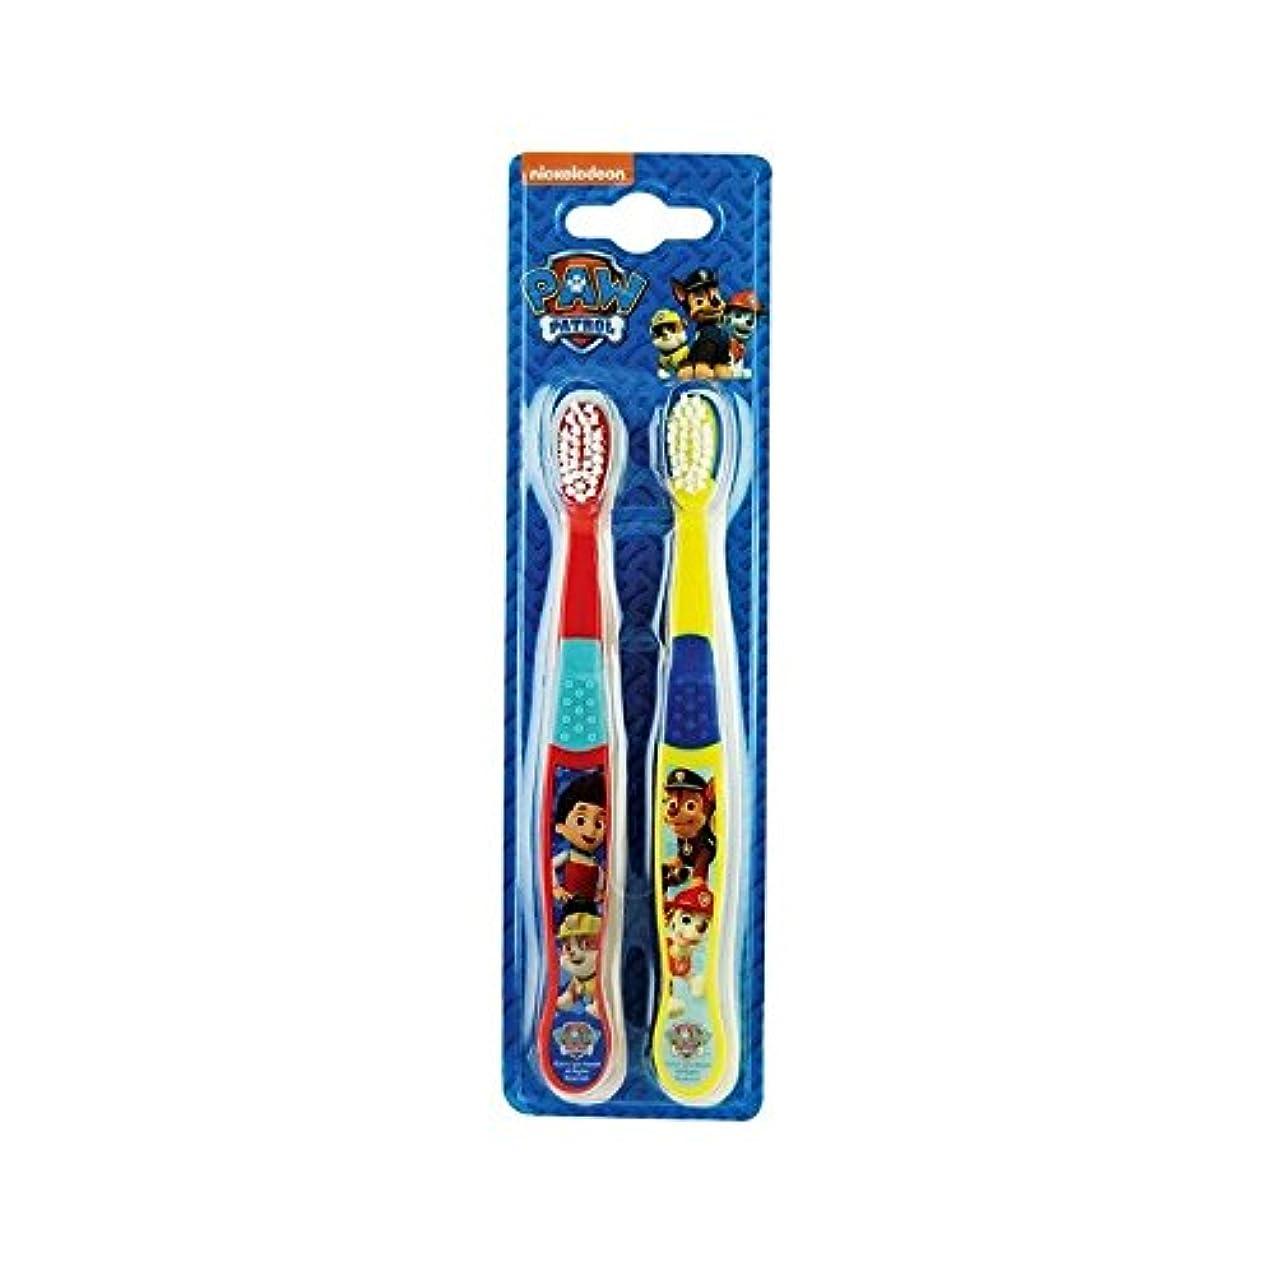 パイロットクール機関車1パックツイン歯ブラシ2 (Paw Patrol) (x 2) - Paw Patrol Twin Toothbrush 2 per pack (Pack of 2) [並行輸入品]